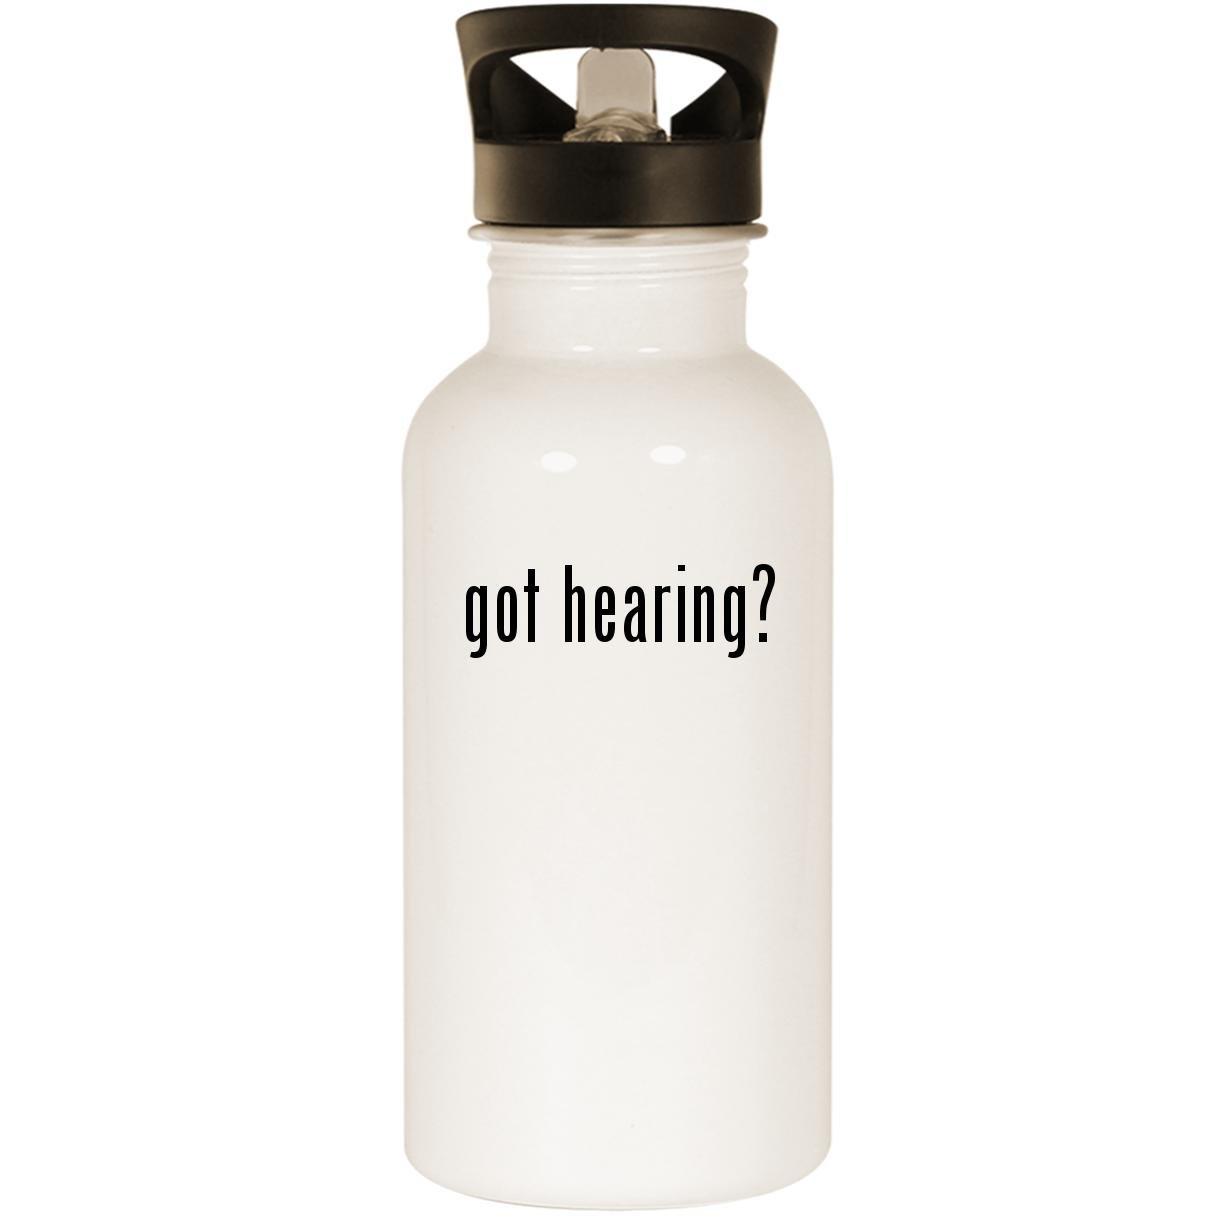 Got Hearing  – ステンレススチール20oz Road Ready水ボトル ホワイト US-C-07-18-01-025910-04-26-19-26 B07FMTWQHX  ホワイト